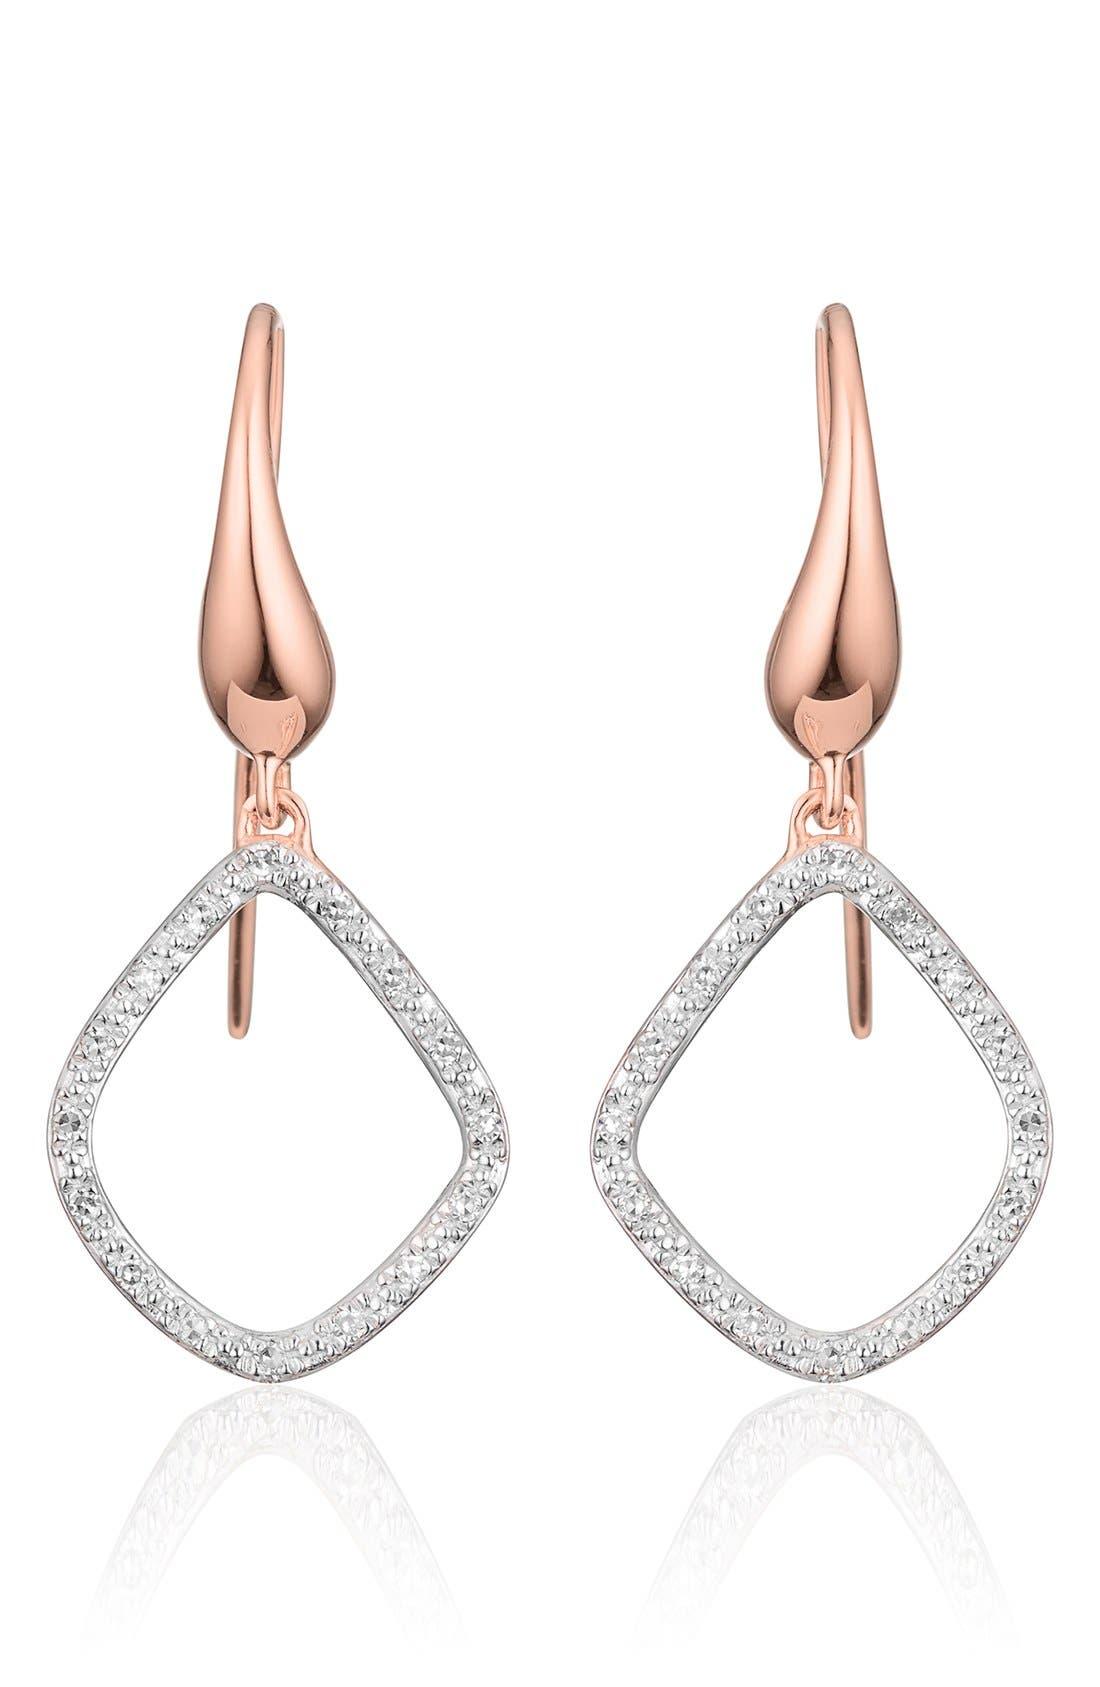 Riva Kite Diamond Drop Earrings,                             Main thumbnail 1, color,                             ROSE GOLD